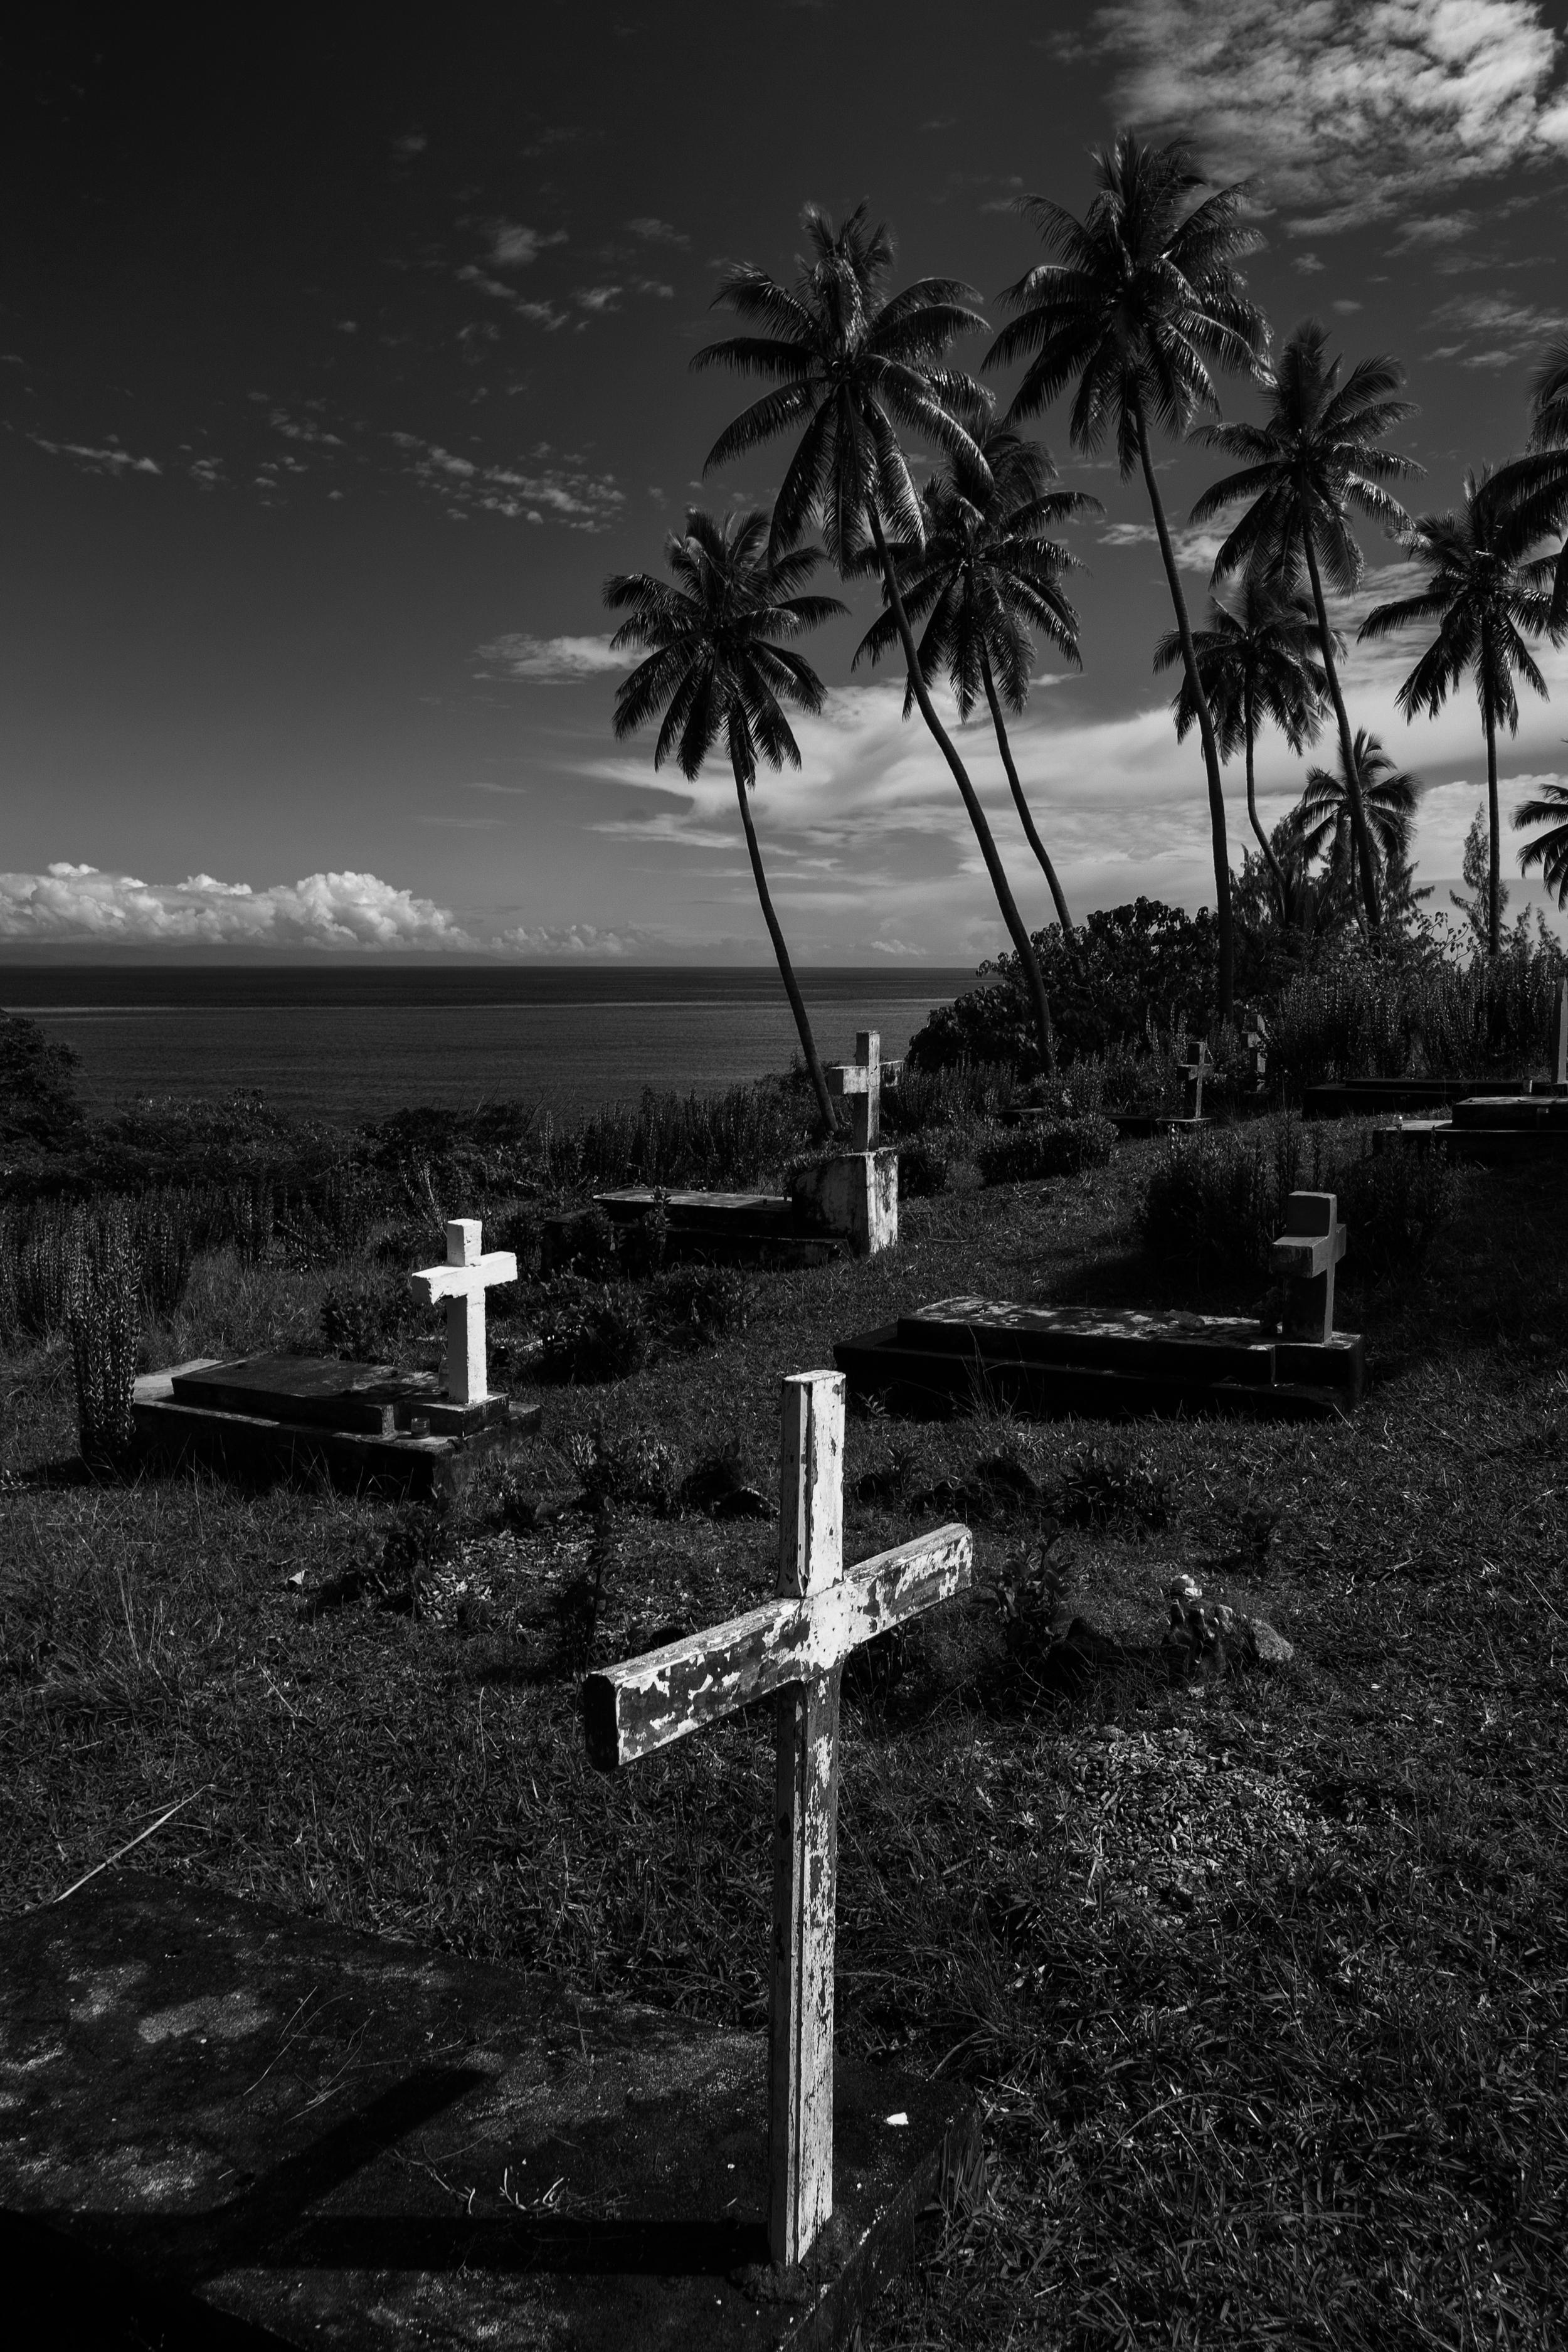 AMBRYM ISLAND, VANUATU